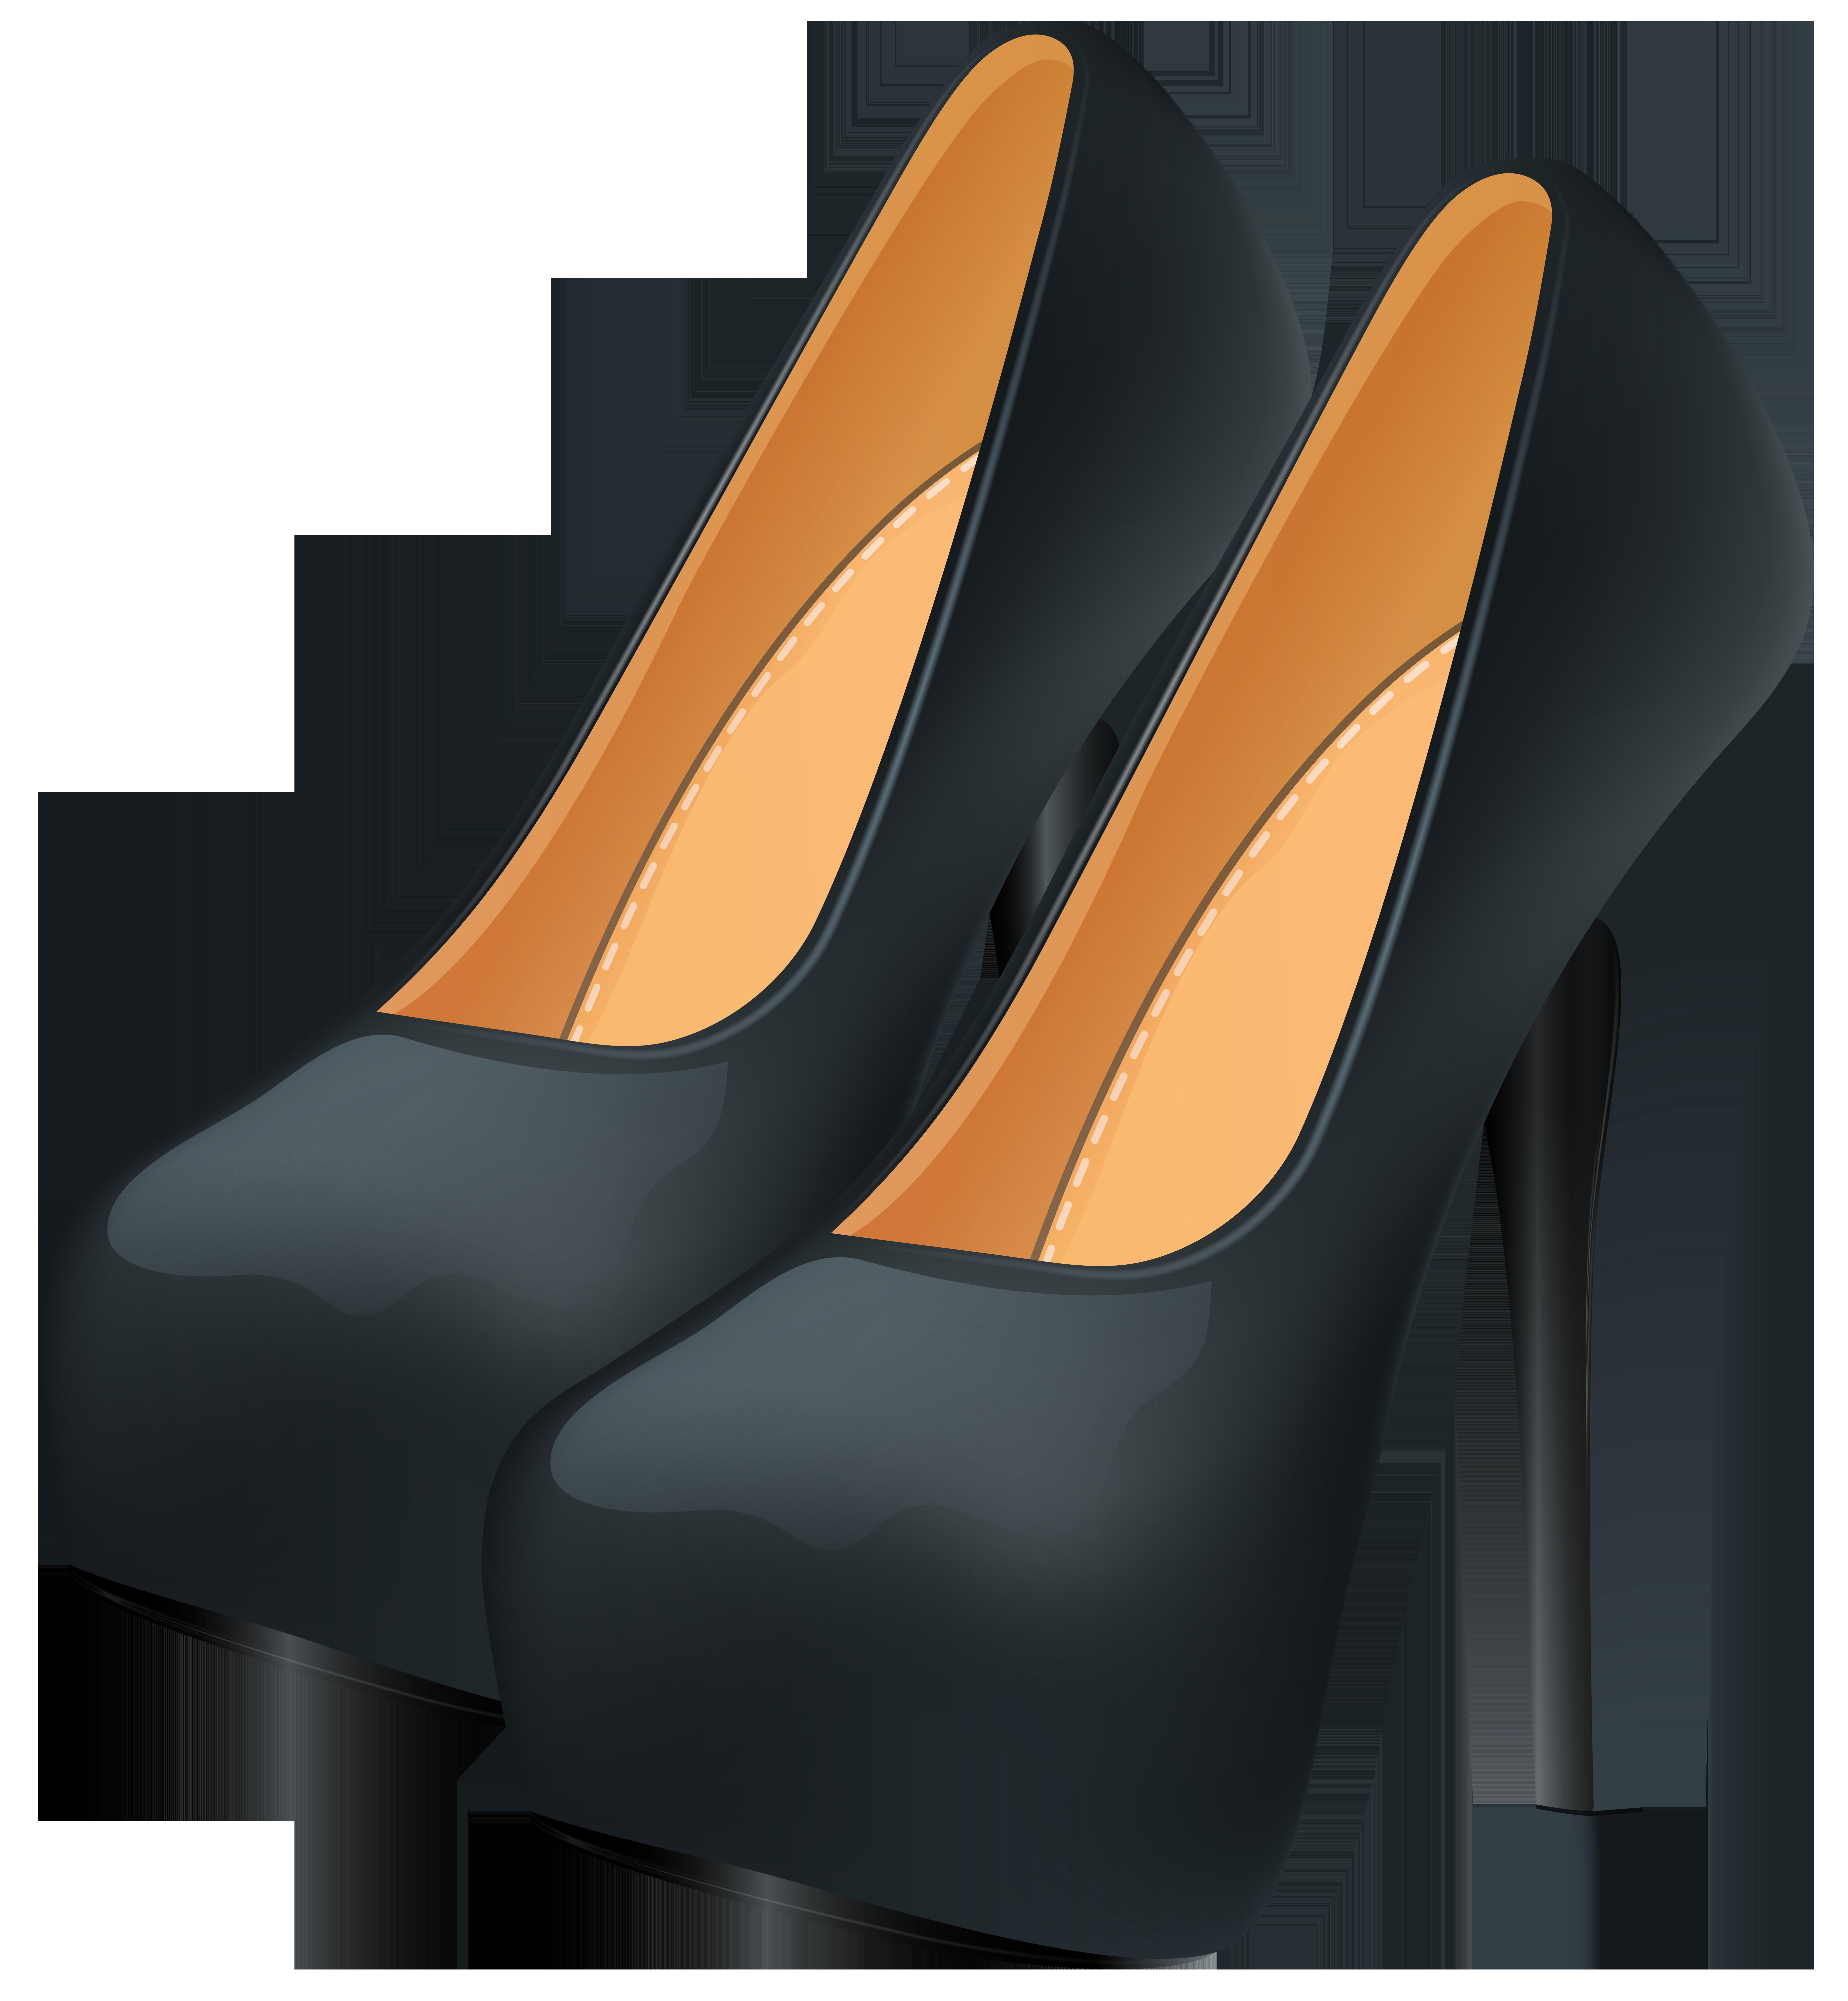 Heels clipart logo. Black png clip art